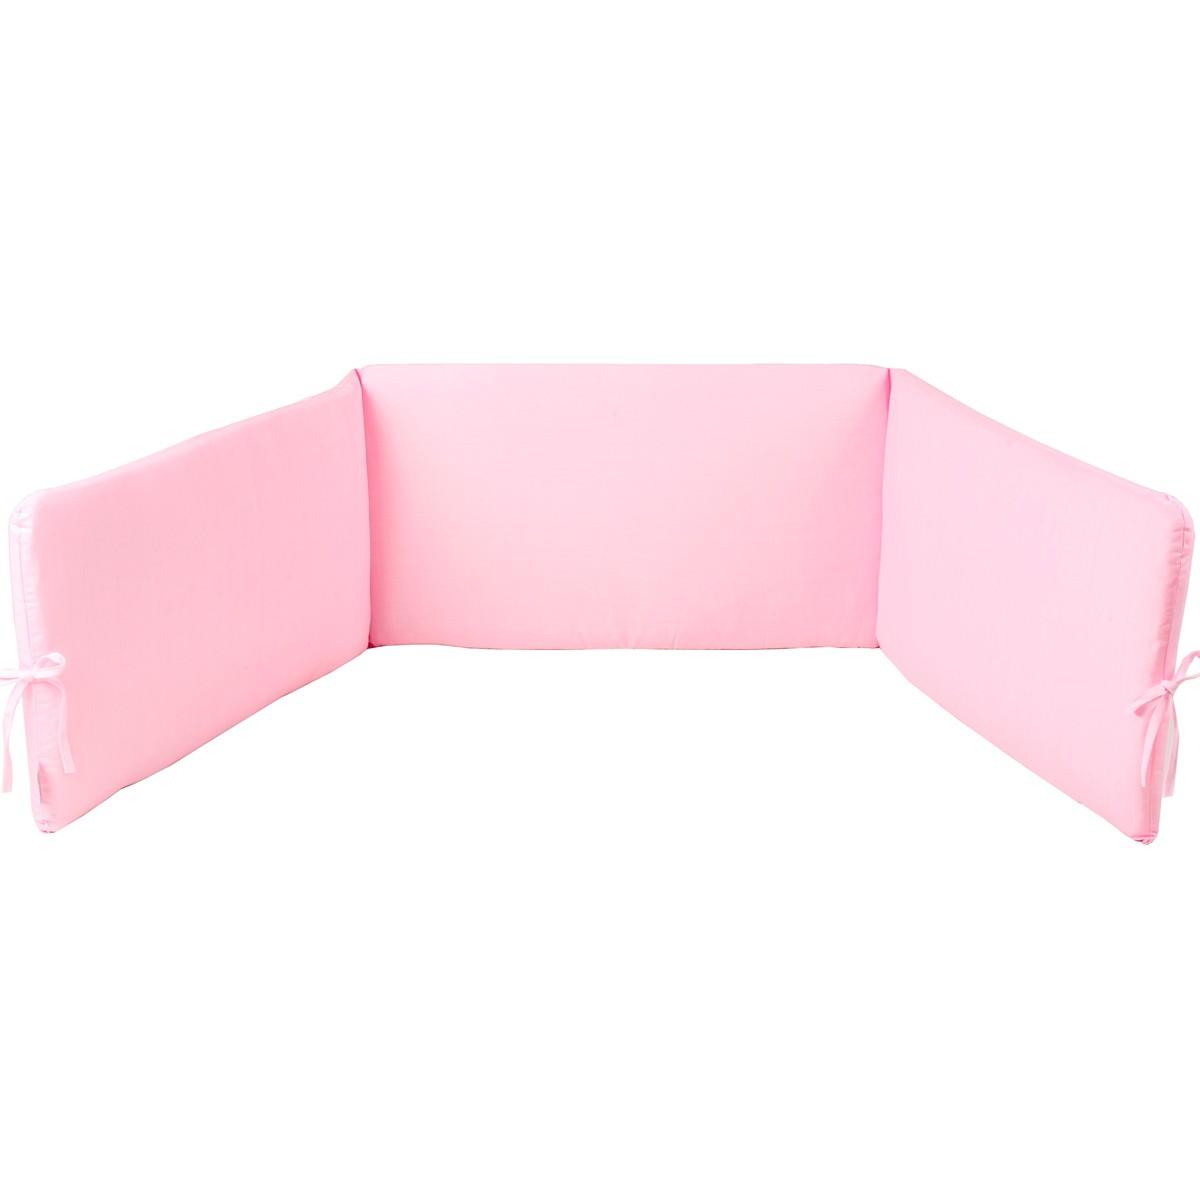 Πάντα Κούνιας Κόσμος Του Μωρού 0773 Μονόχρωμη Ροζ home   βρεφικά   πάντες βρεφικές